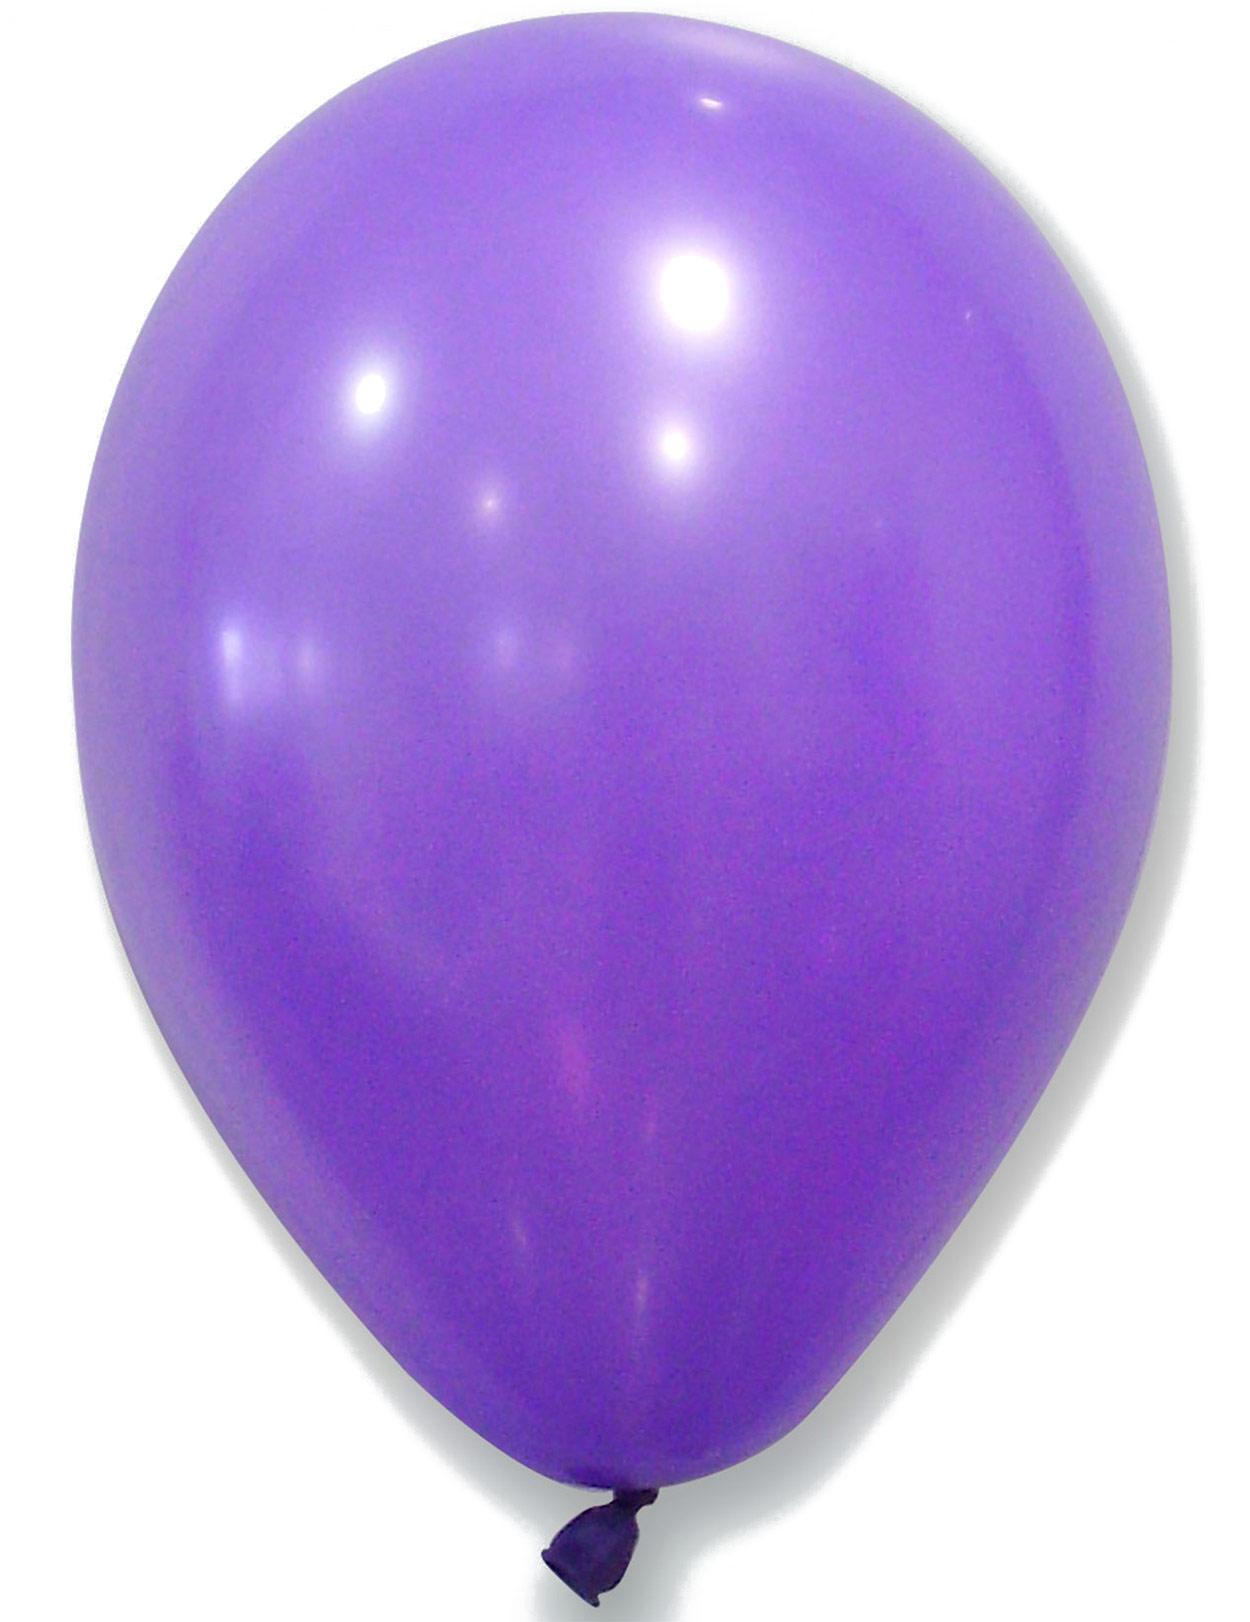 50 globos violetas decoraci n y disfraces originales - Adornos globos economicos ...